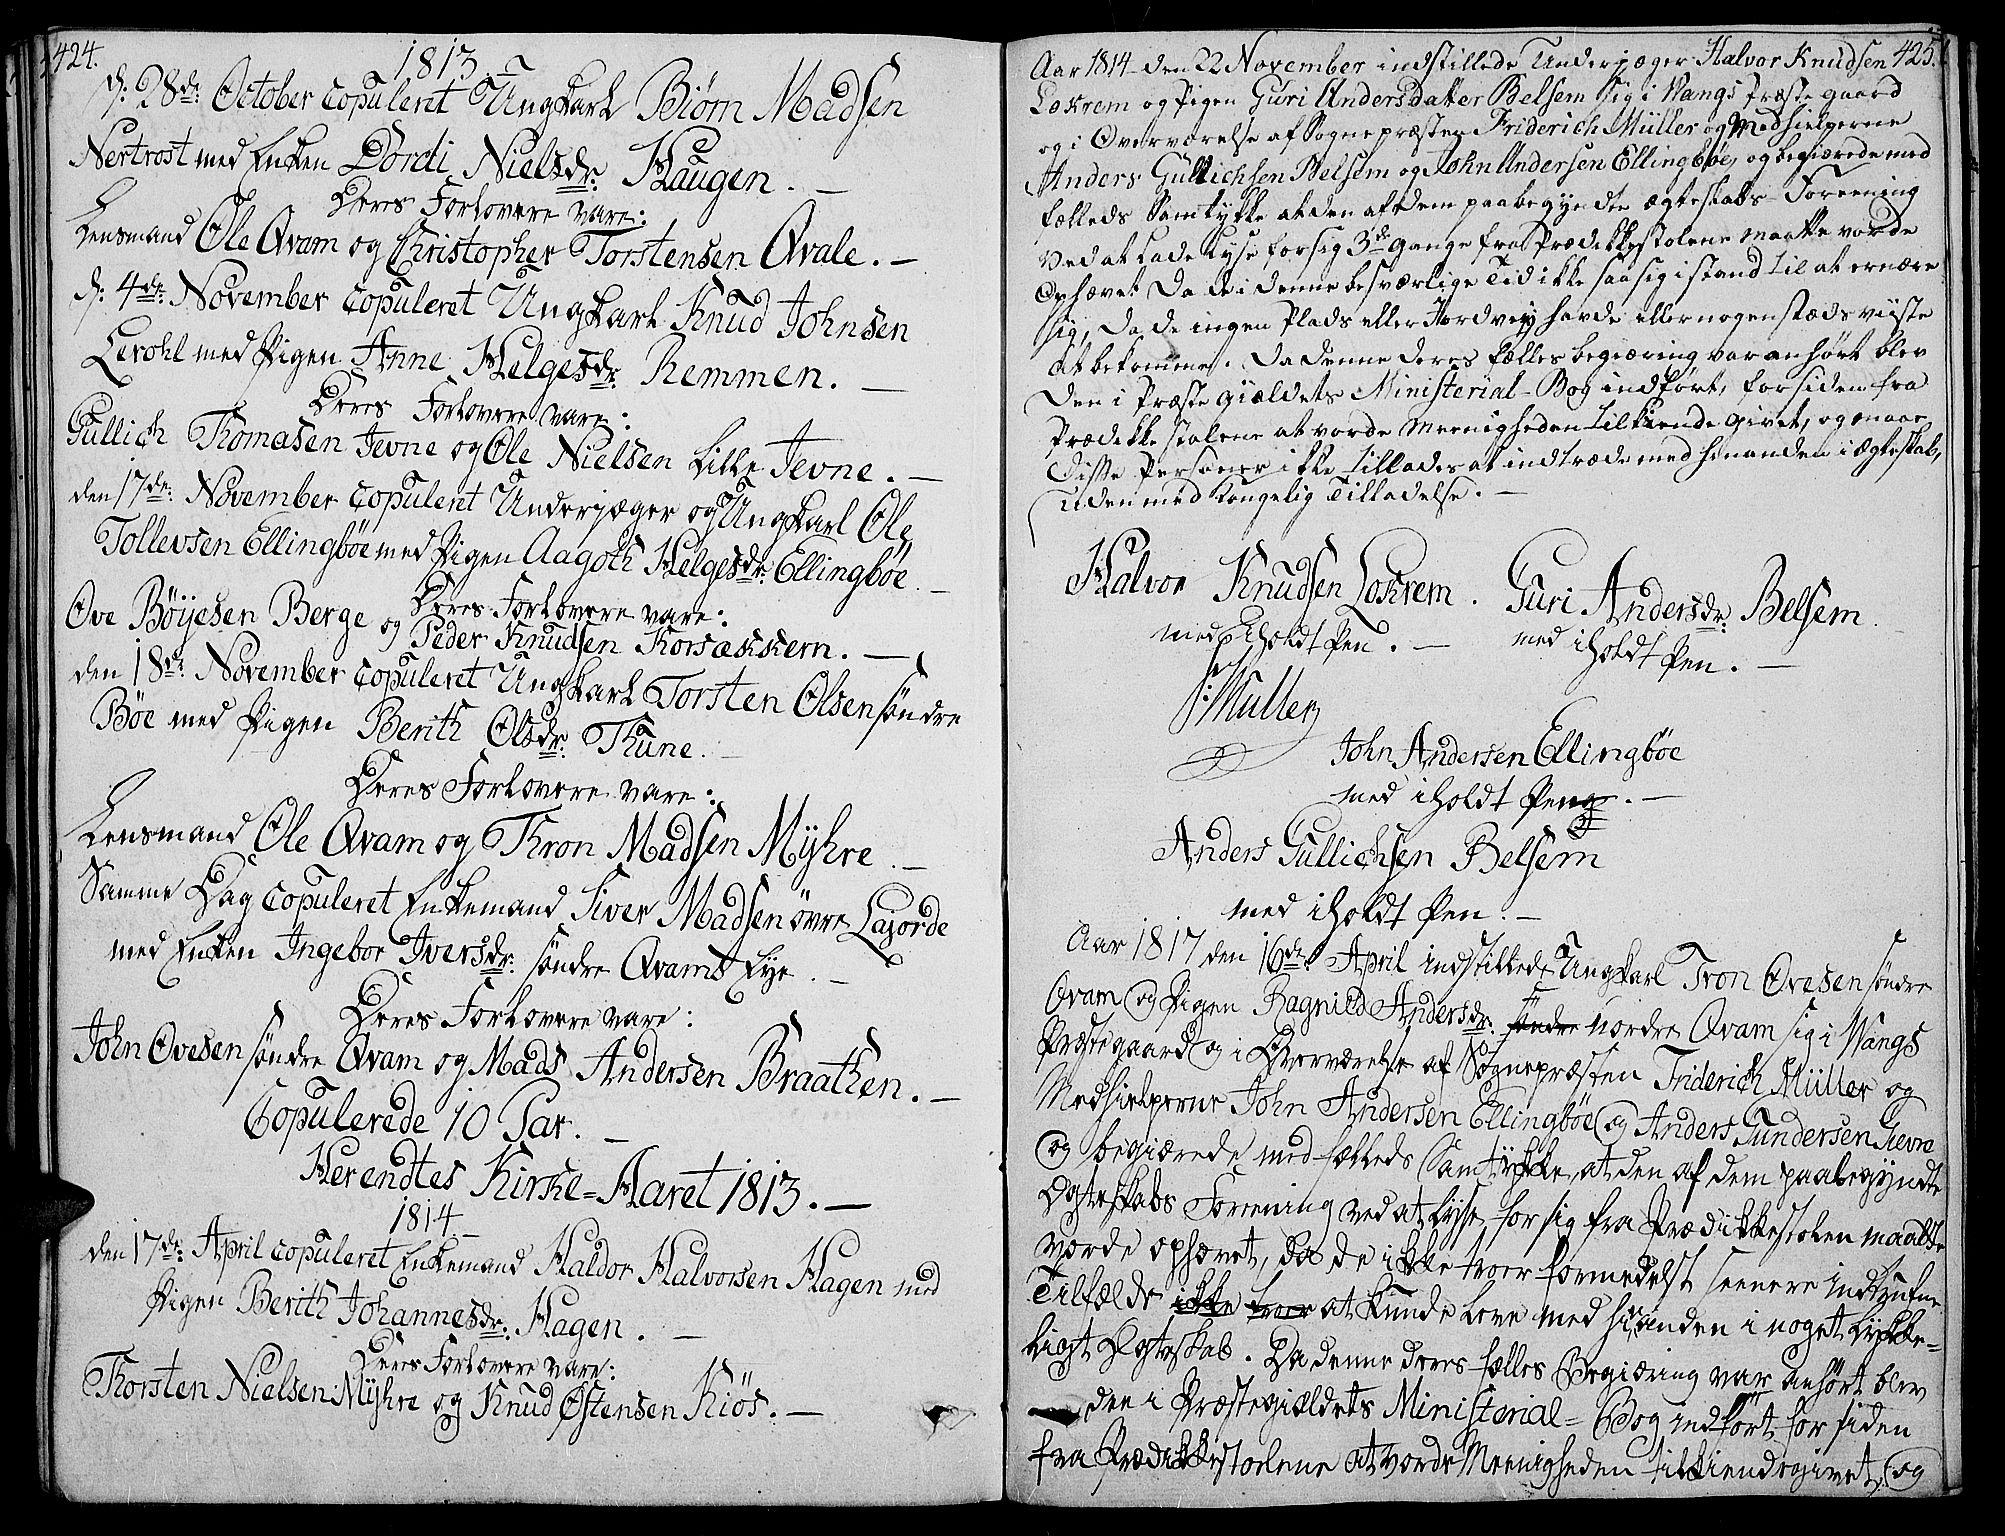 SAH, Vang prestekontor, Valdres, Ministerialbok nr. 3, 1809-1831, s. 424-425